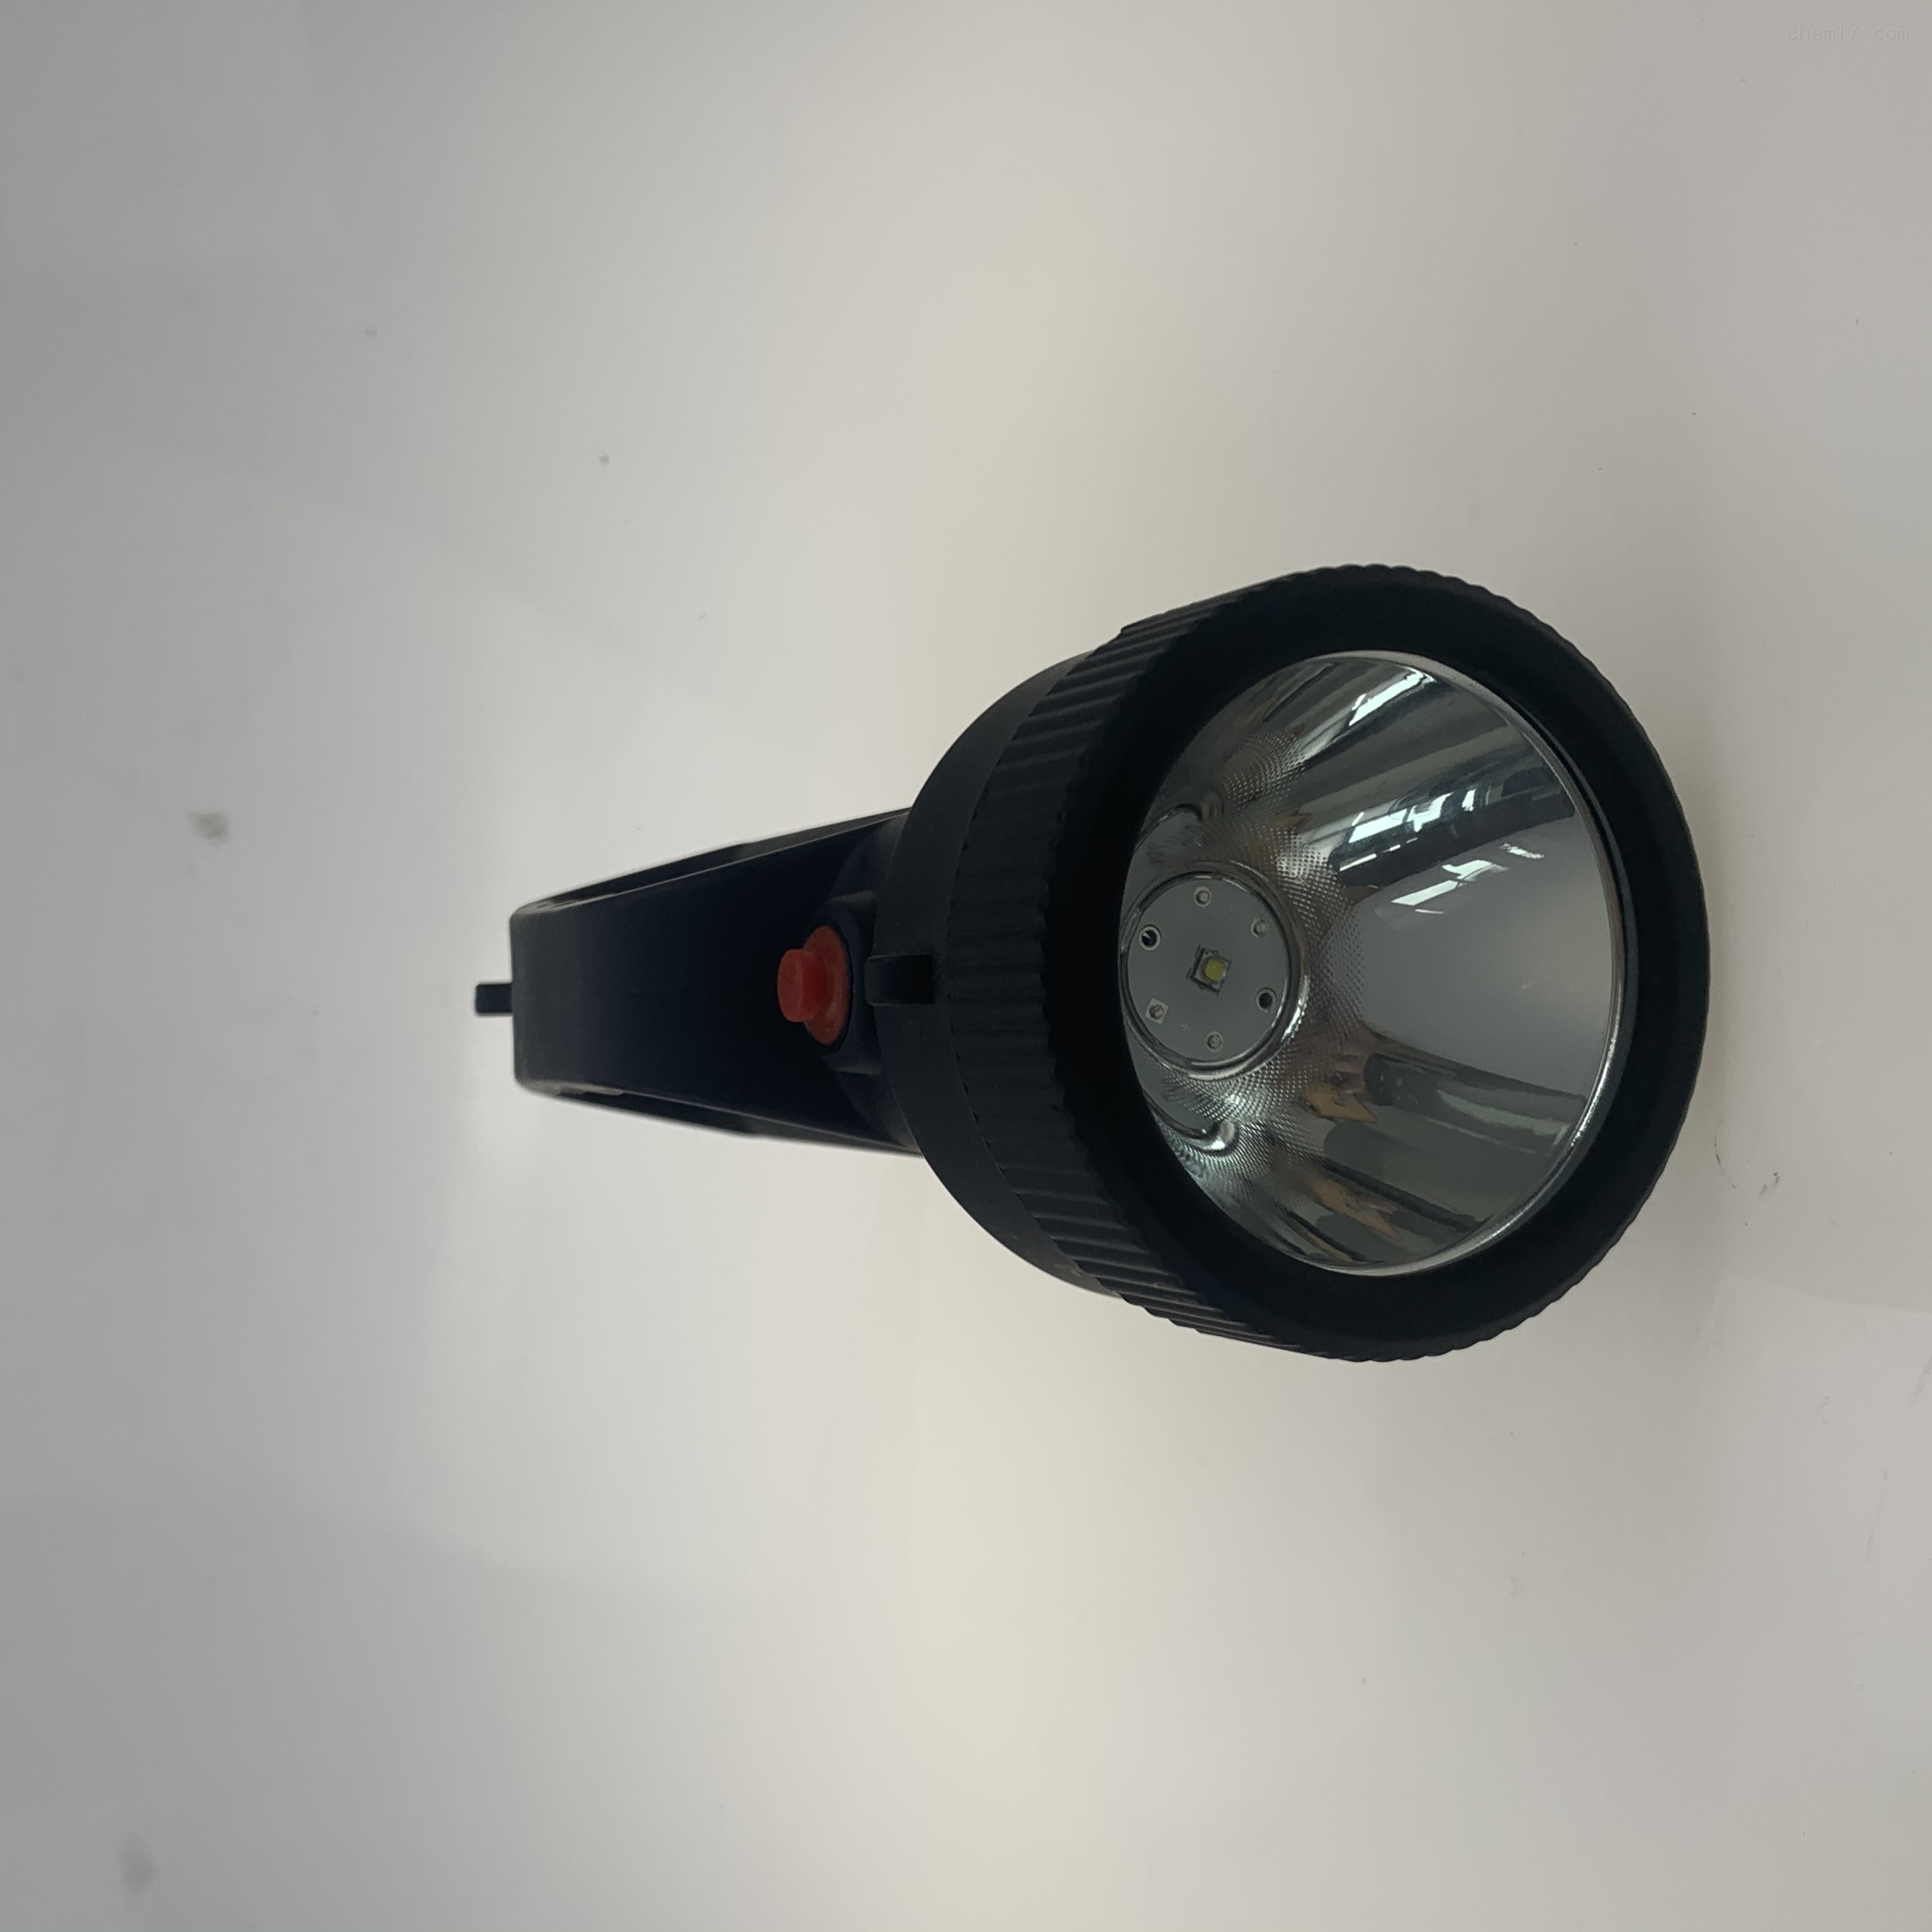 手提强光工作灯QC620C-3W消防探照灯